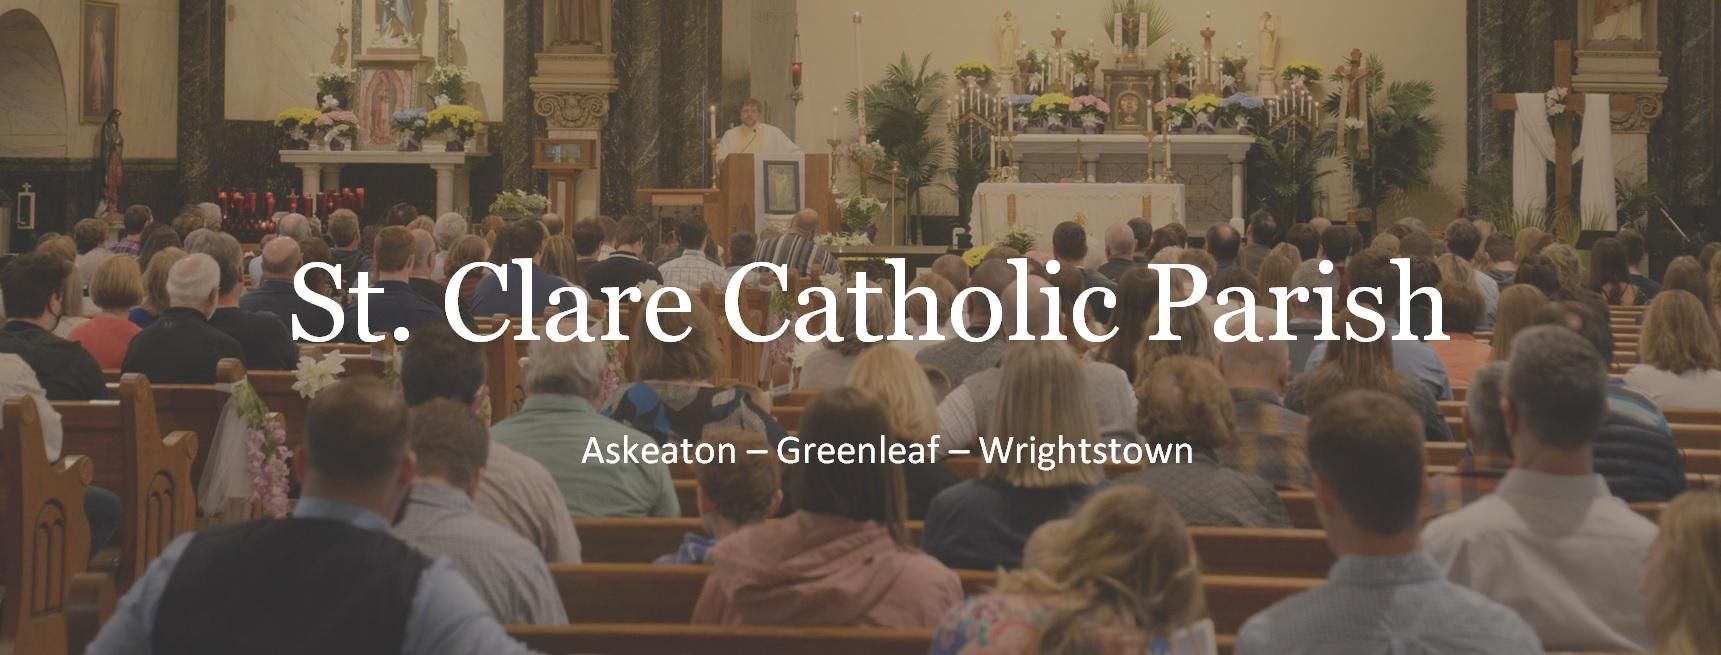 Saint Clare Catholic Parish